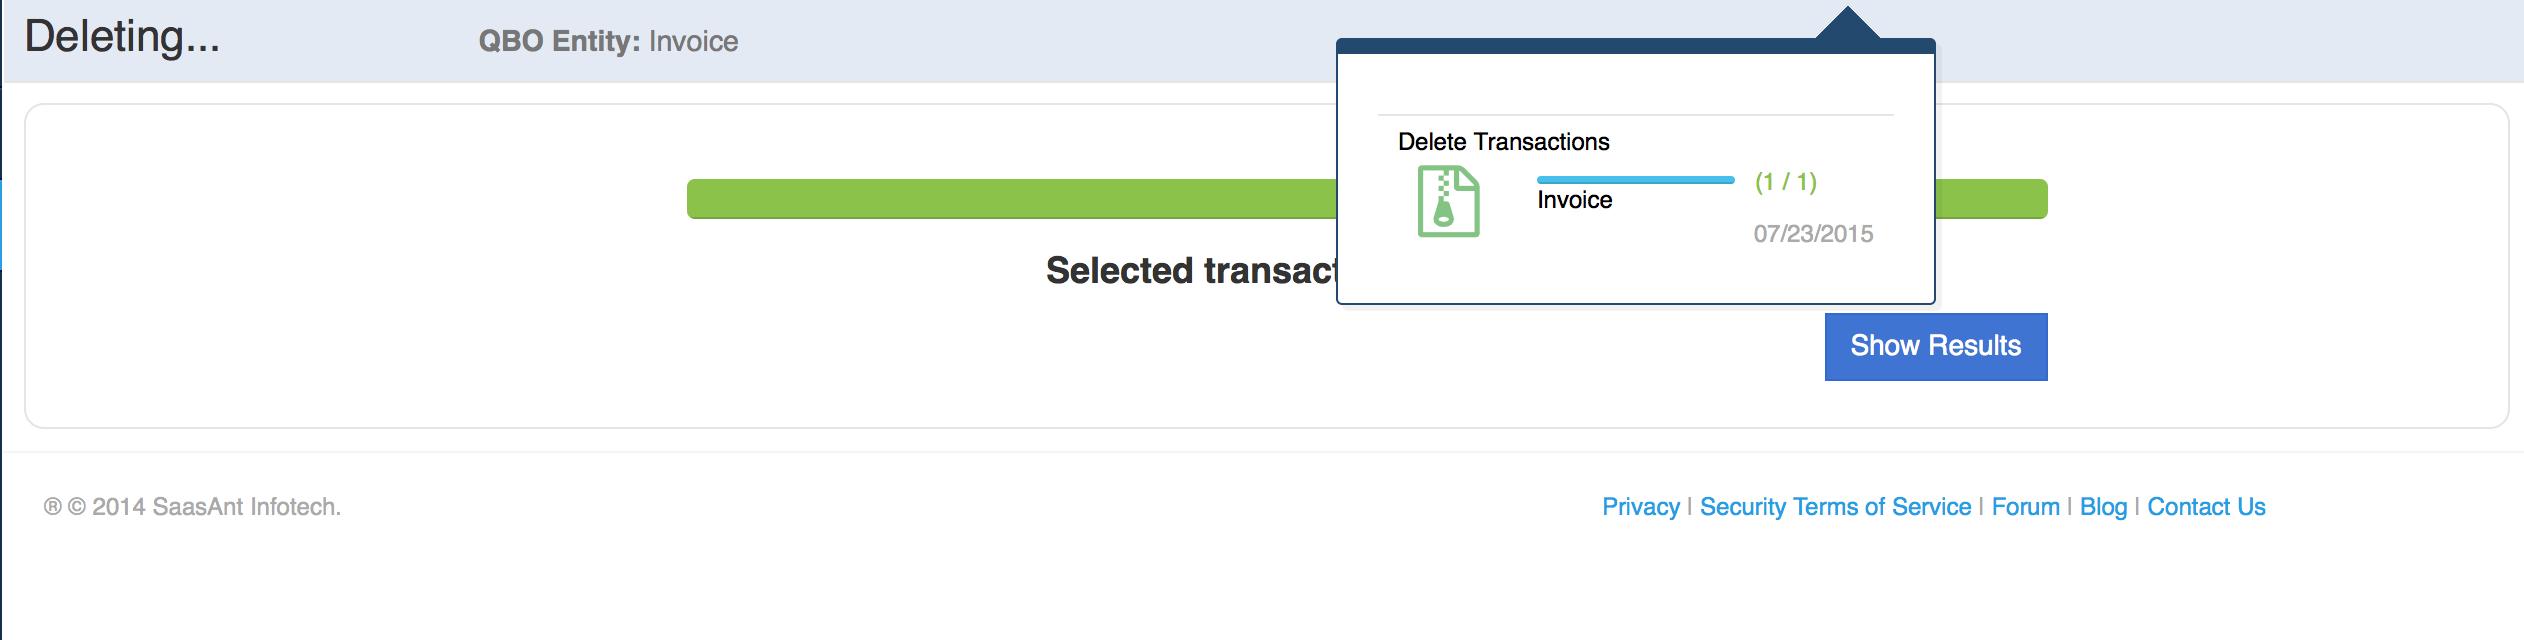 Delete transactions in QuickBooks